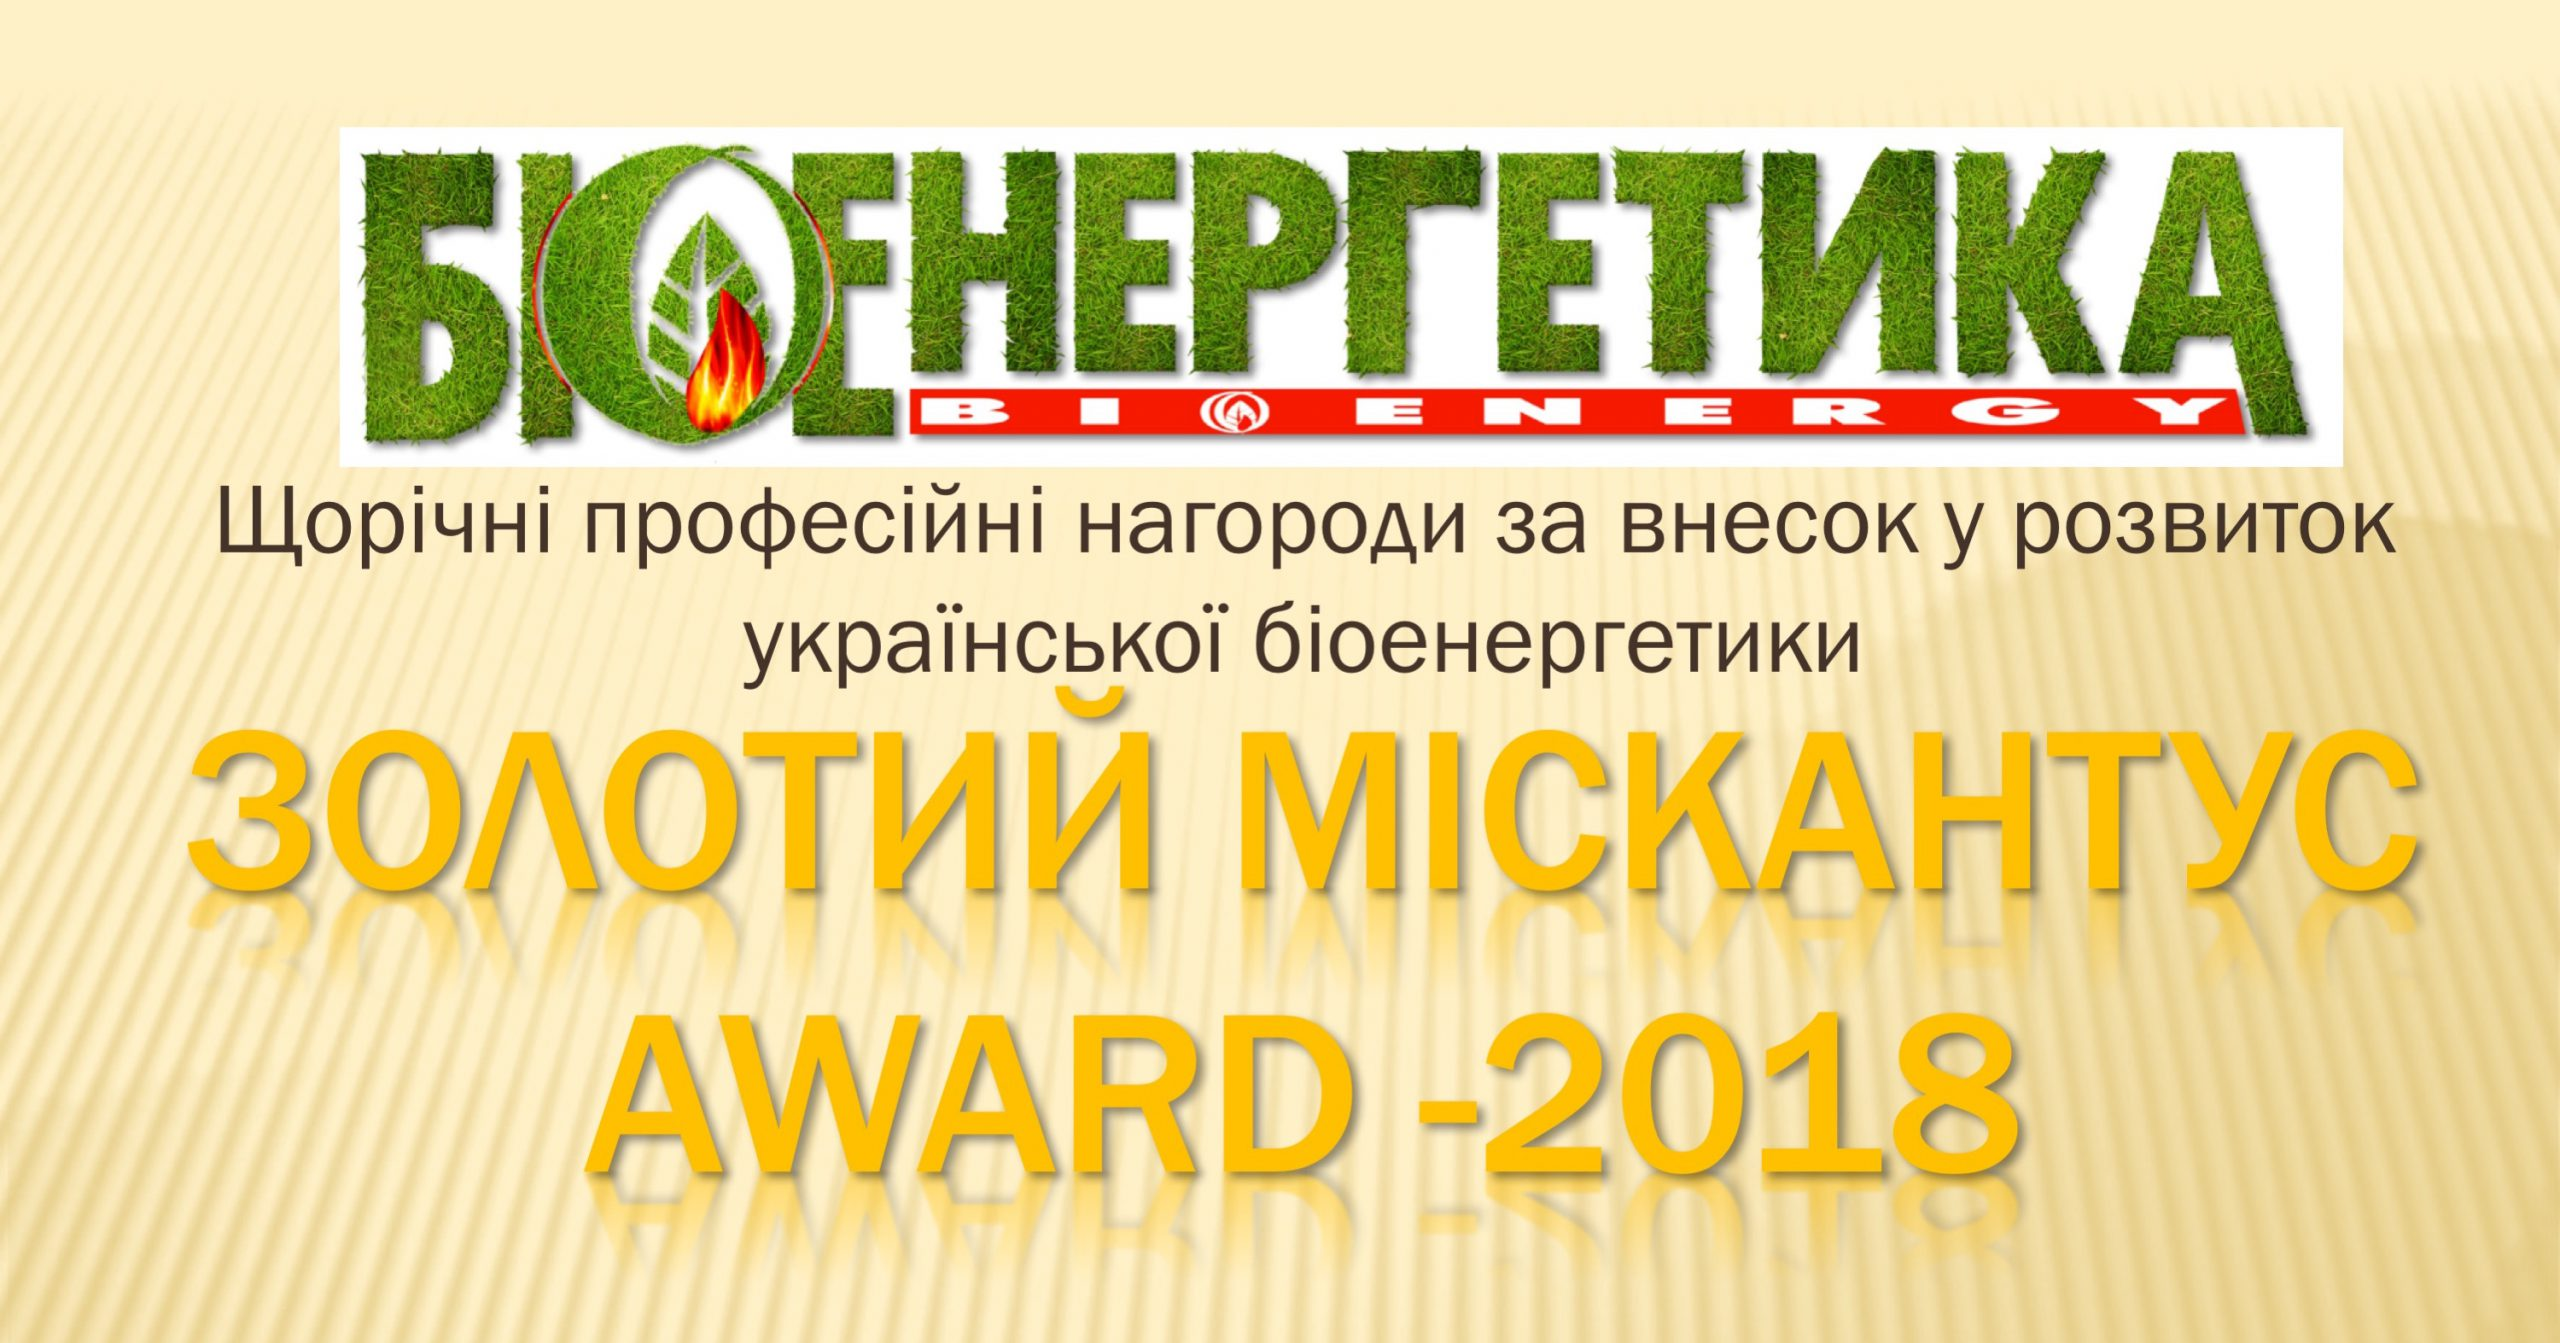 Вручення нагород Золотий Міскантус 2017